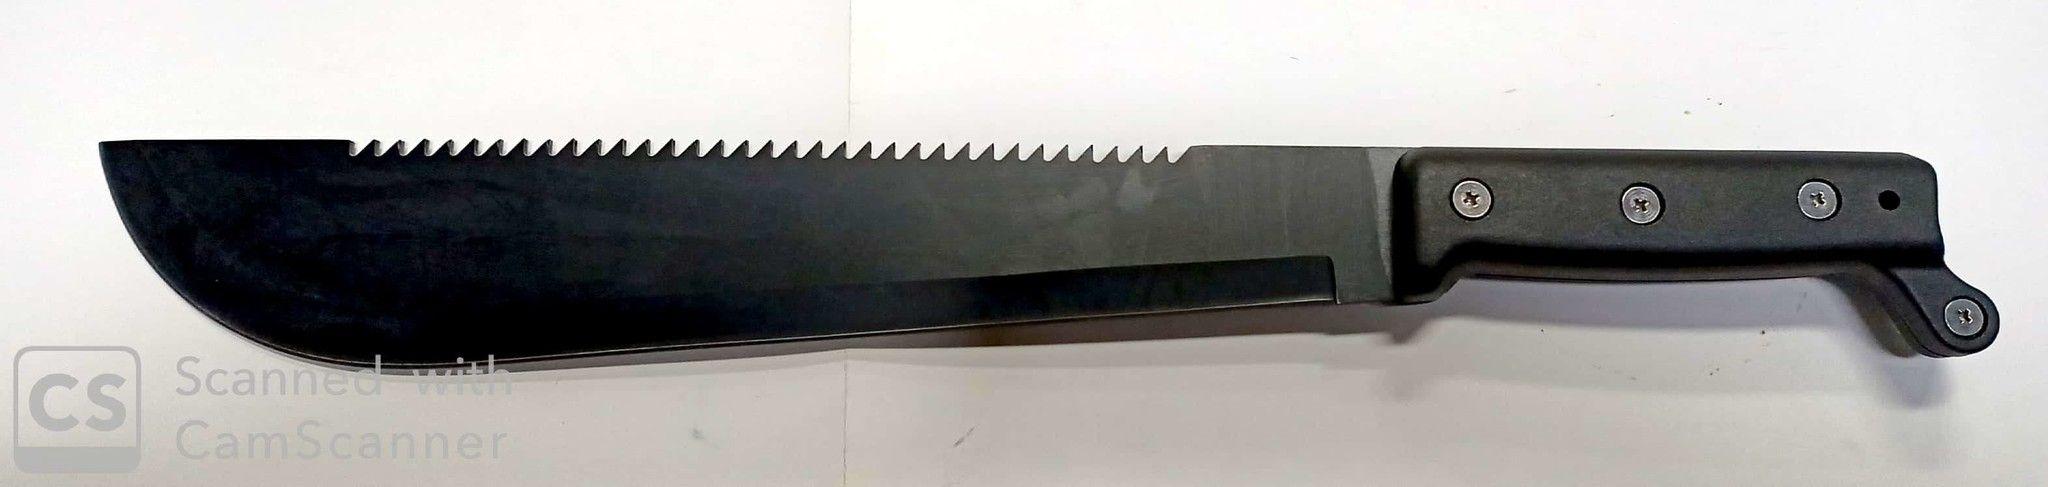 Machete BORNEO mm 450 con fodero VALEX